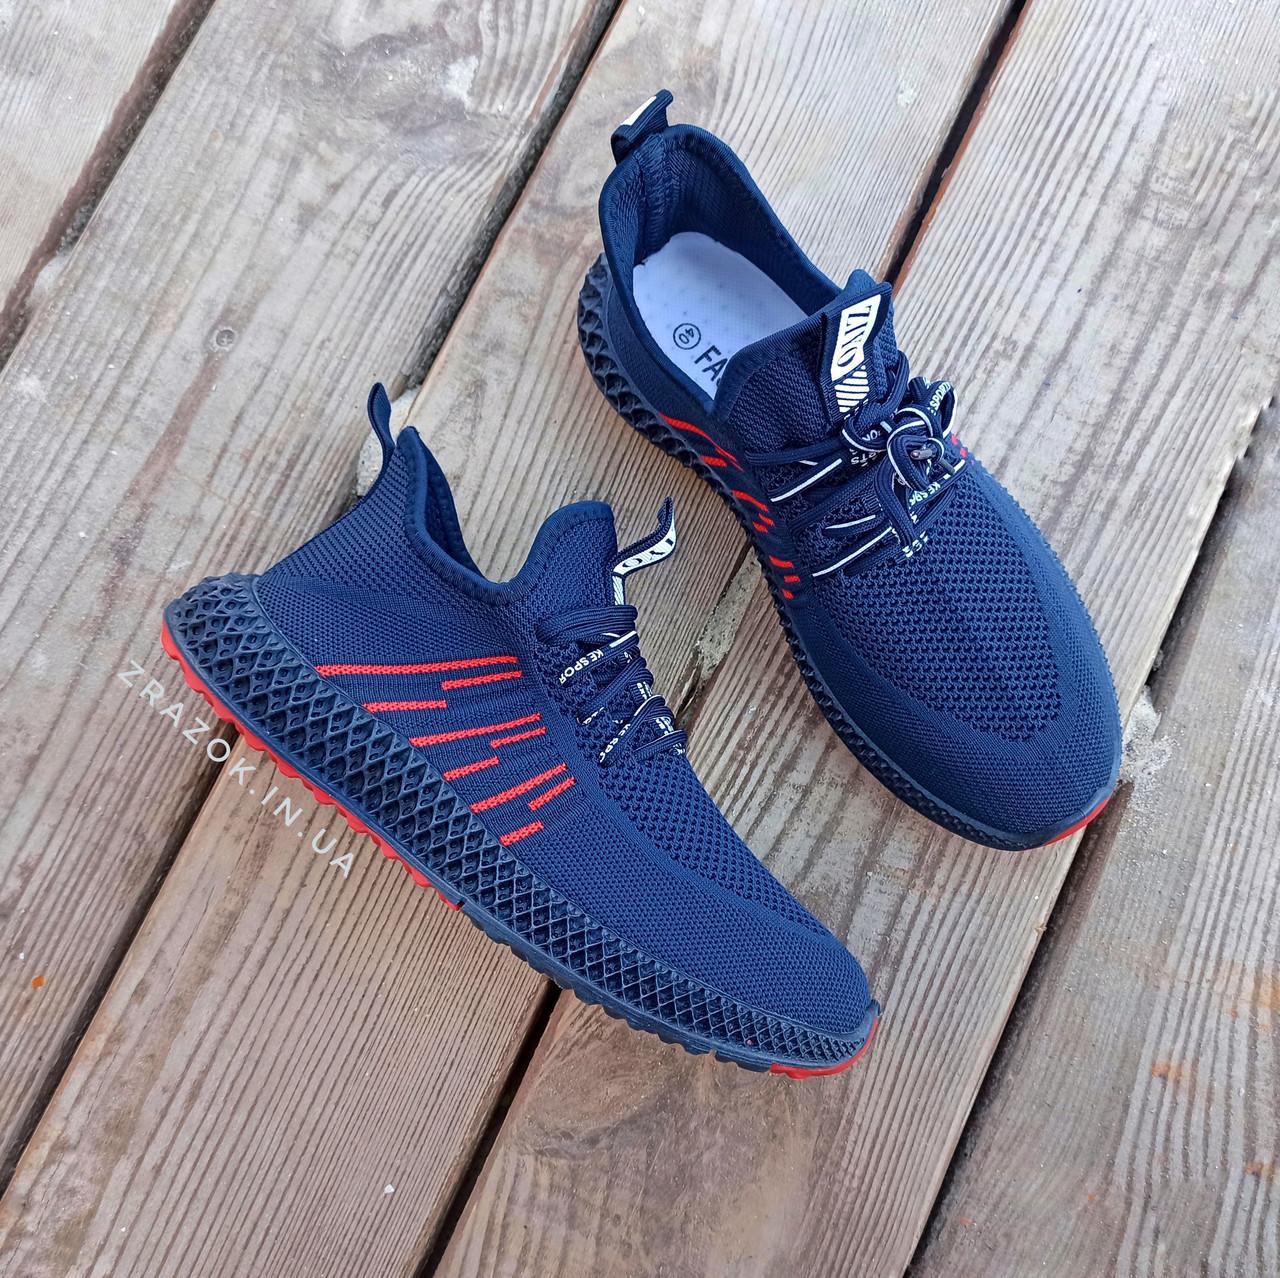 Сині шкарпетки чоловічі кросівки в стилі Adidas yeezy boost v2 шкарпетки на підошві тканина текстиль сітка